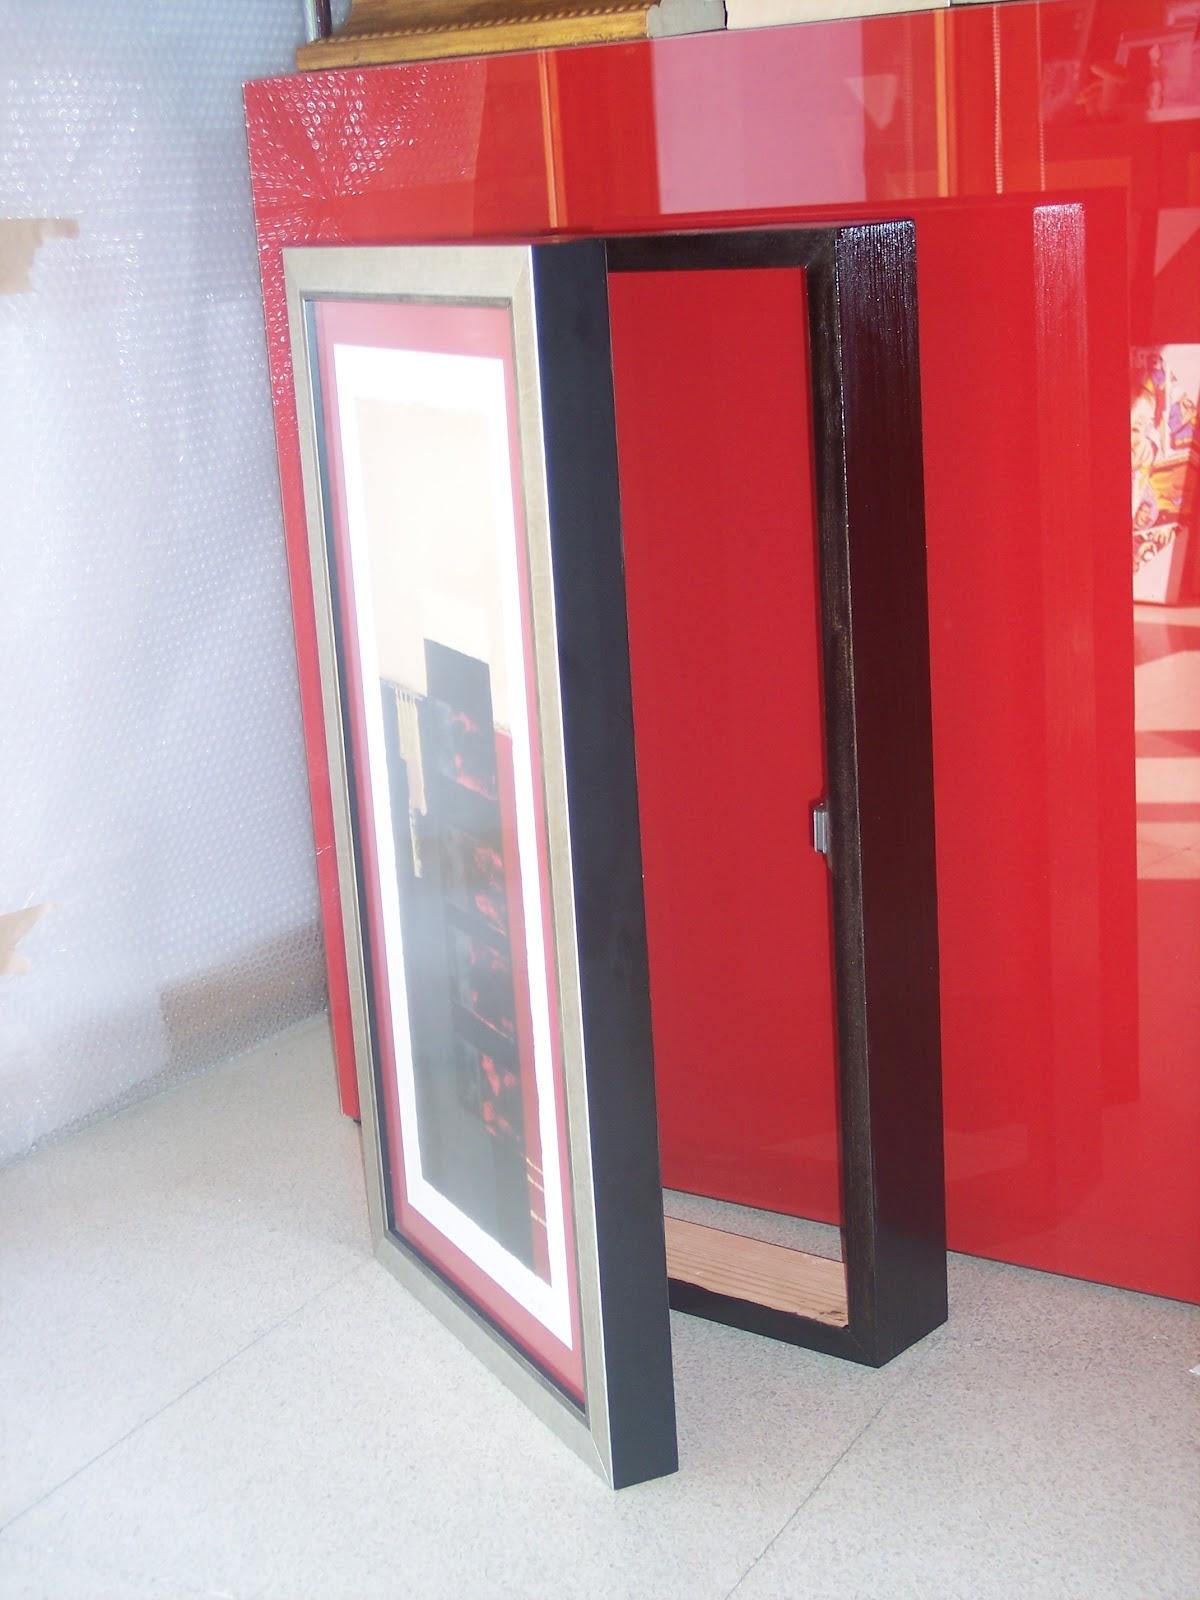 Tapa contadores a medida finest mueble tapa contador luz - Tapas decorativas para contadores luz ...